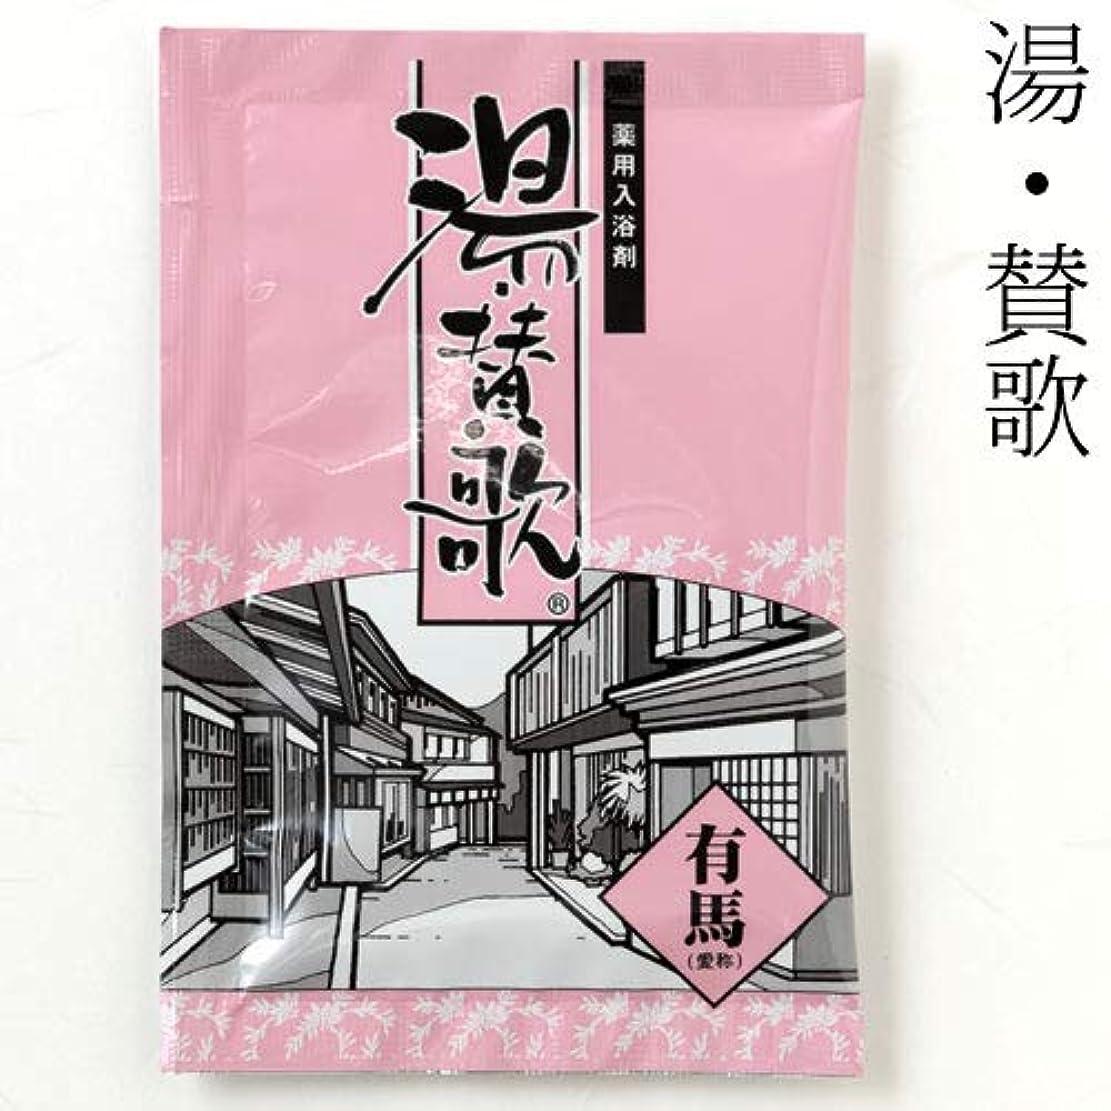 なす君主制発掘する入浴剤湯?賛歌有馬1包石川県のお風呂グッズBath additive, Ishikawa craft